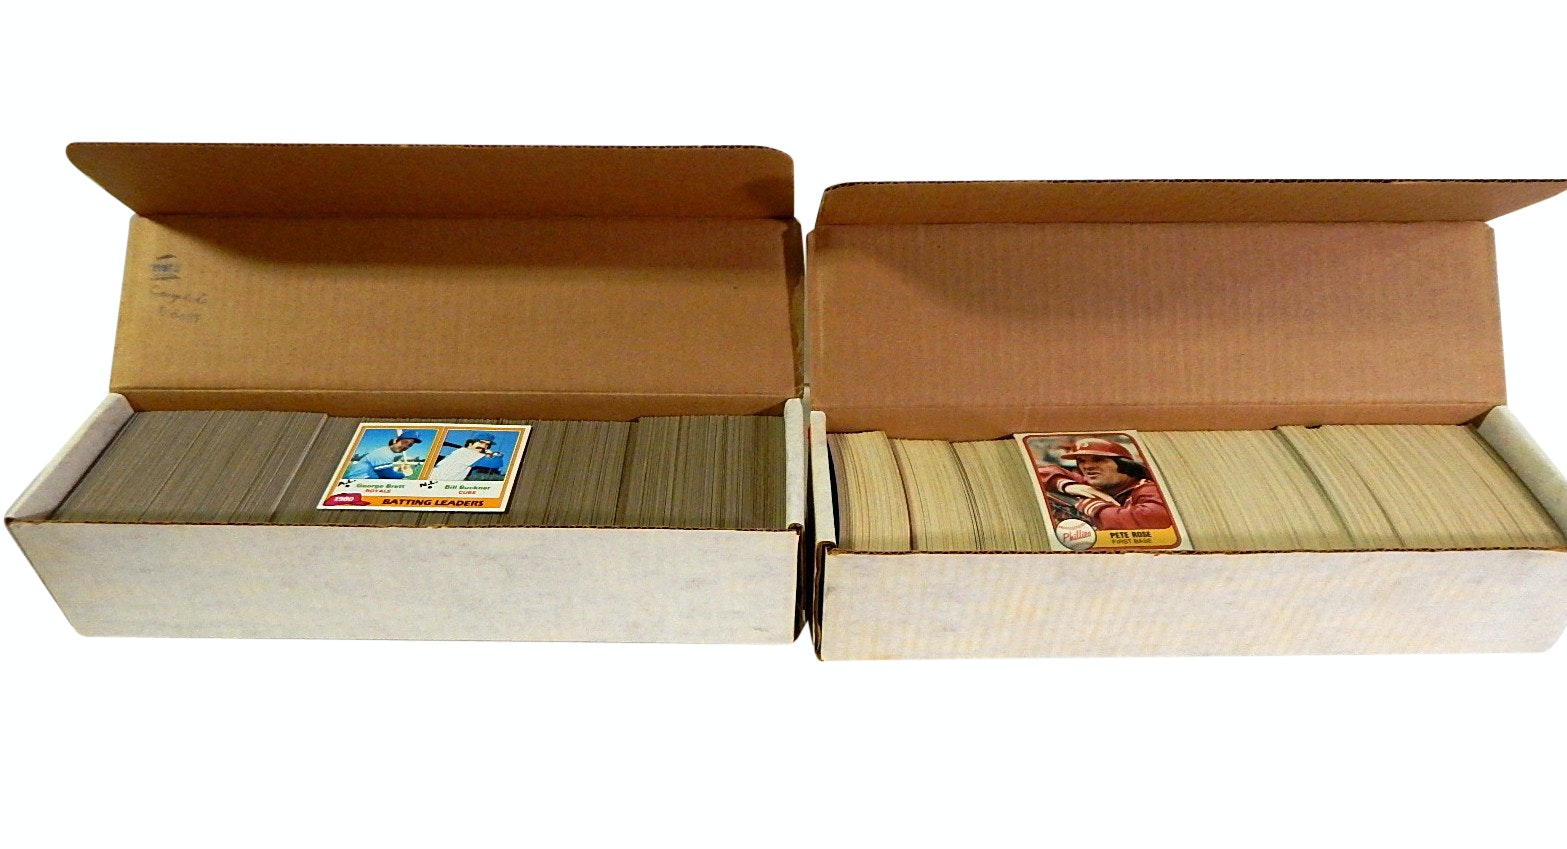 1981 Topps and Fleer Complete Baseball Card Sets - Includes Fleer Nettles Error